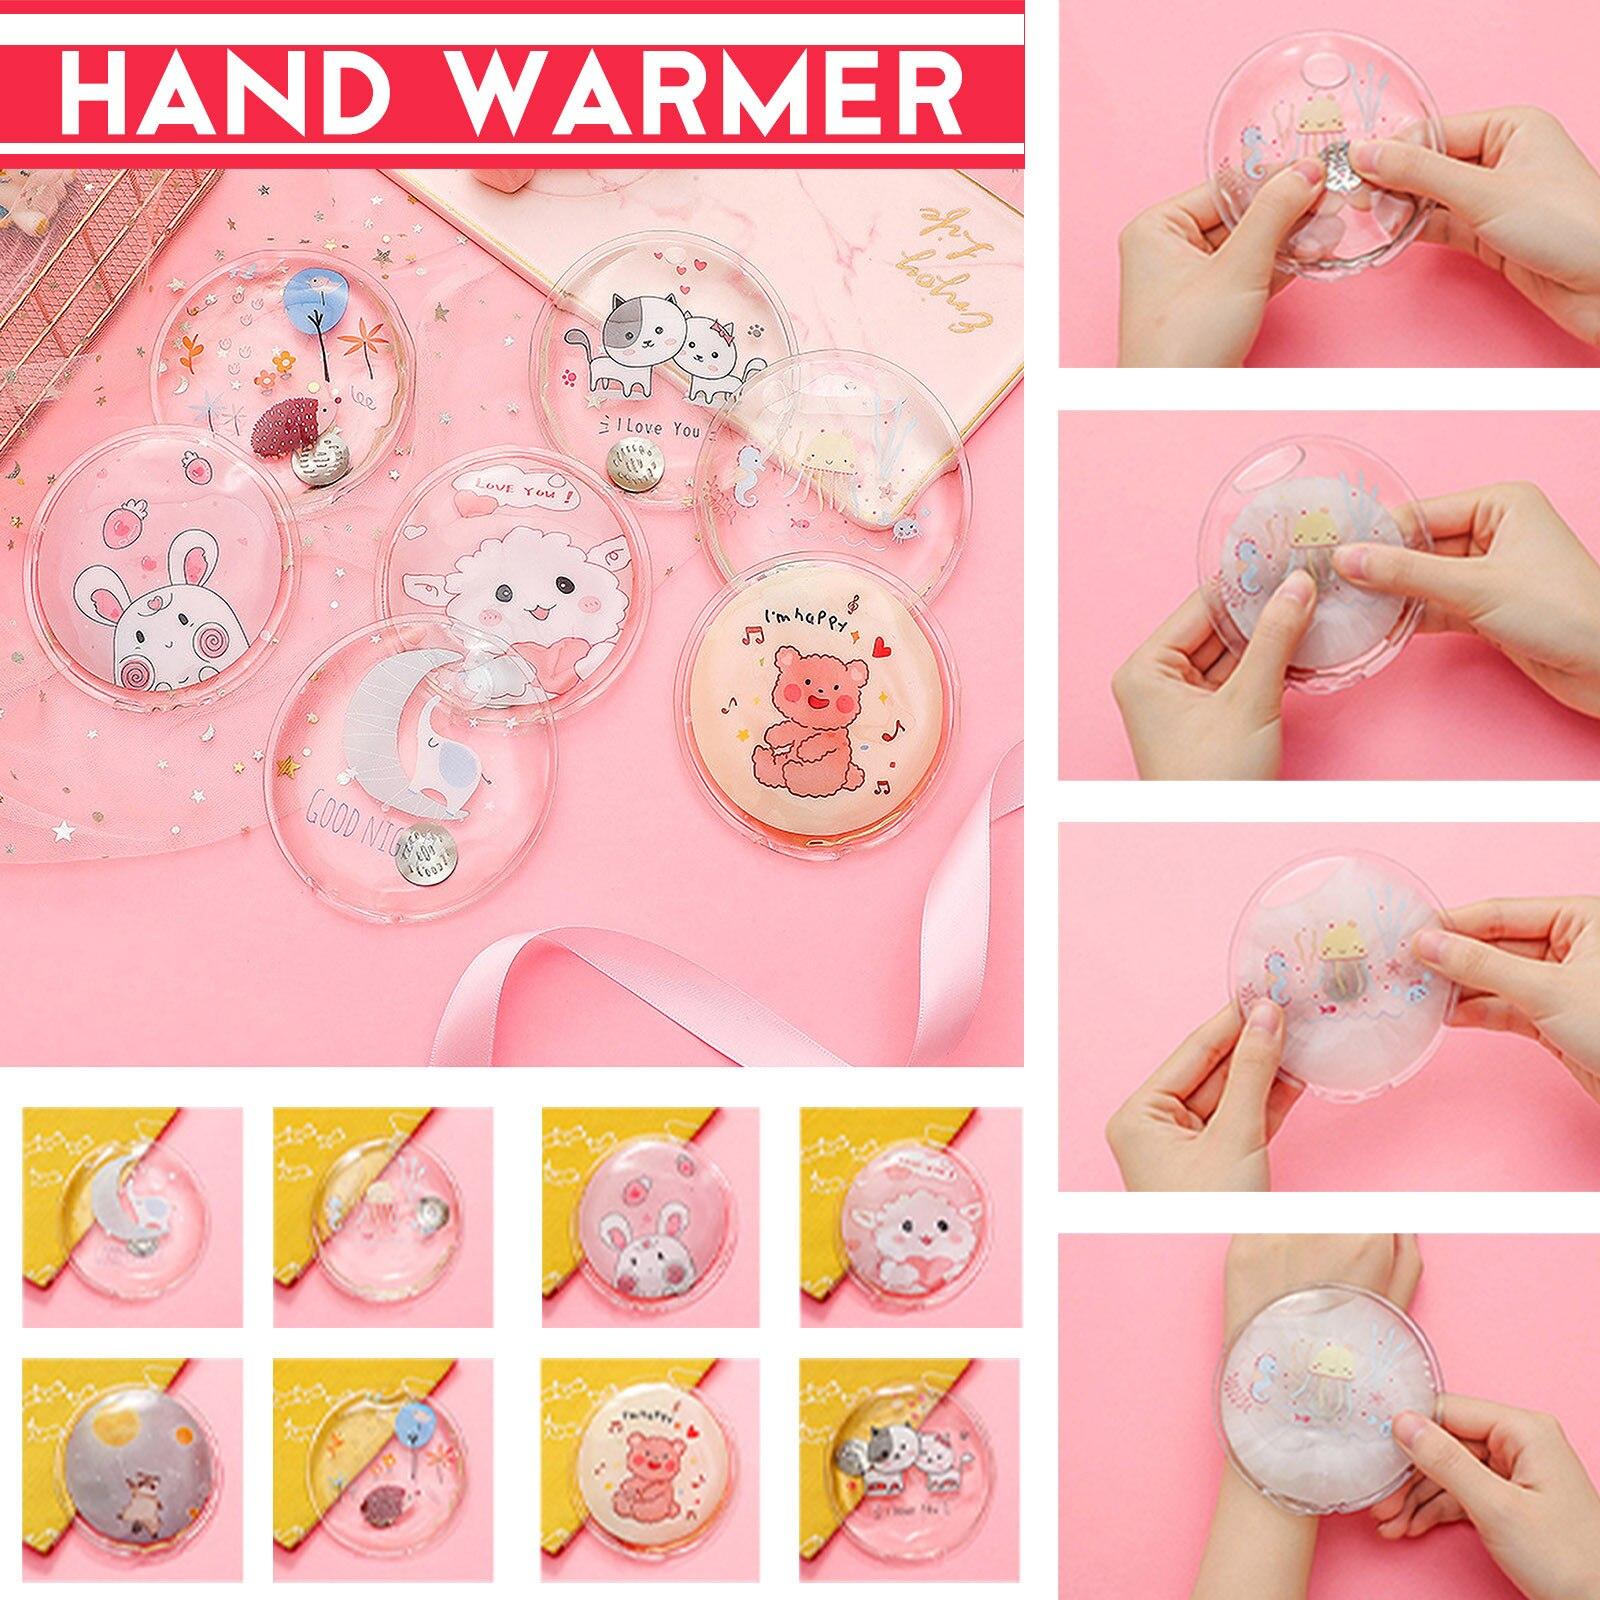 Многоразовая гелевая мини-грелка для рук, милая мультяшная упаковка для мгновенного самонагрева, теплые принадлежности, грелка для рук в бу...